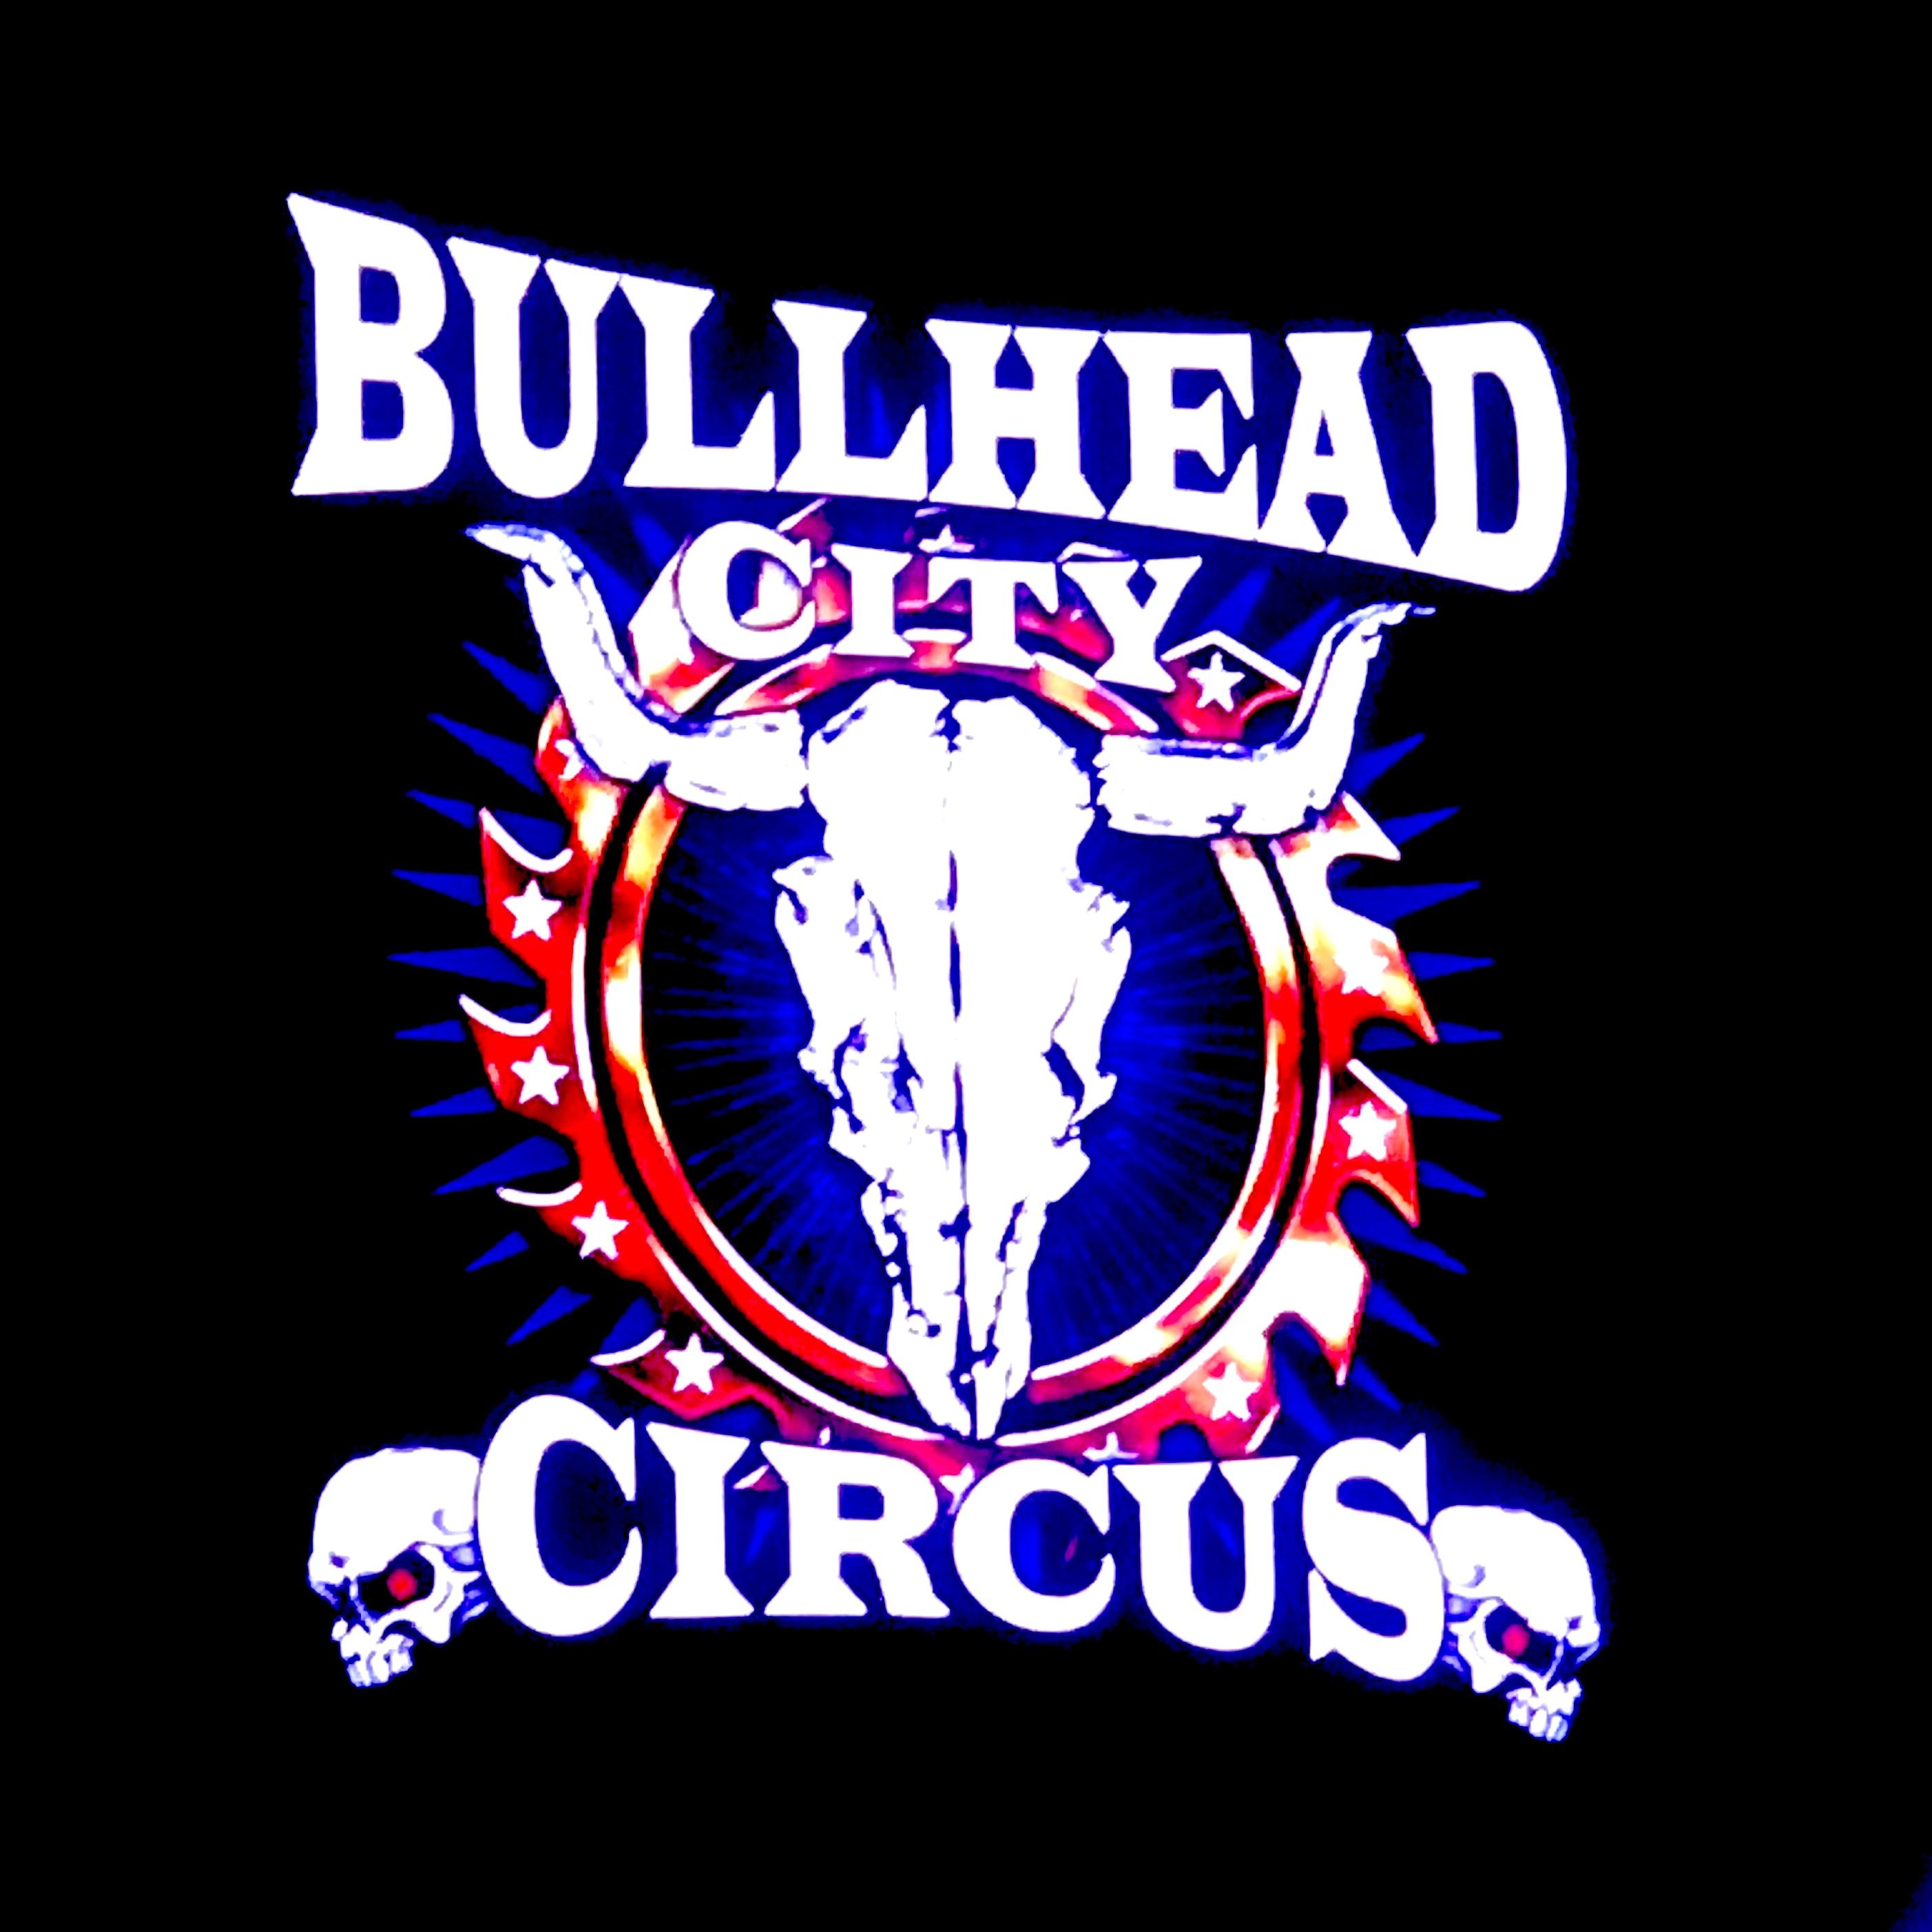 Bullhead City Circus